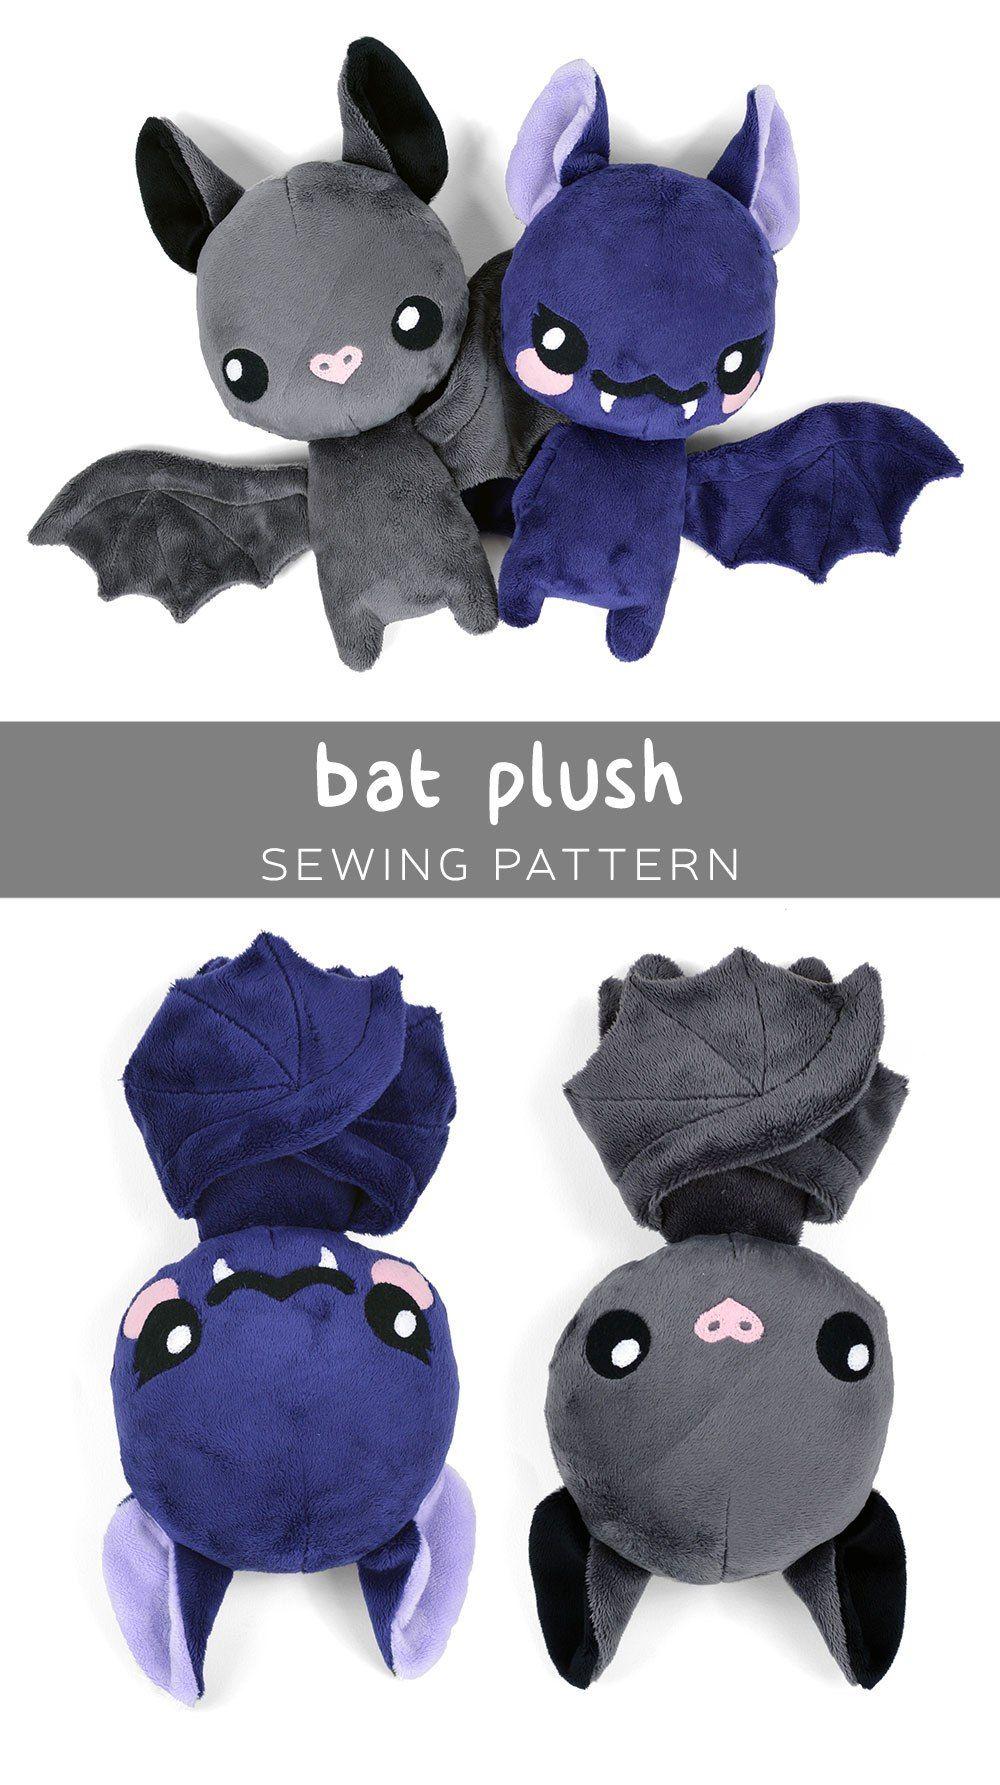 Free Bat Plush sewing pattern from cholyknight.com | Softies ...